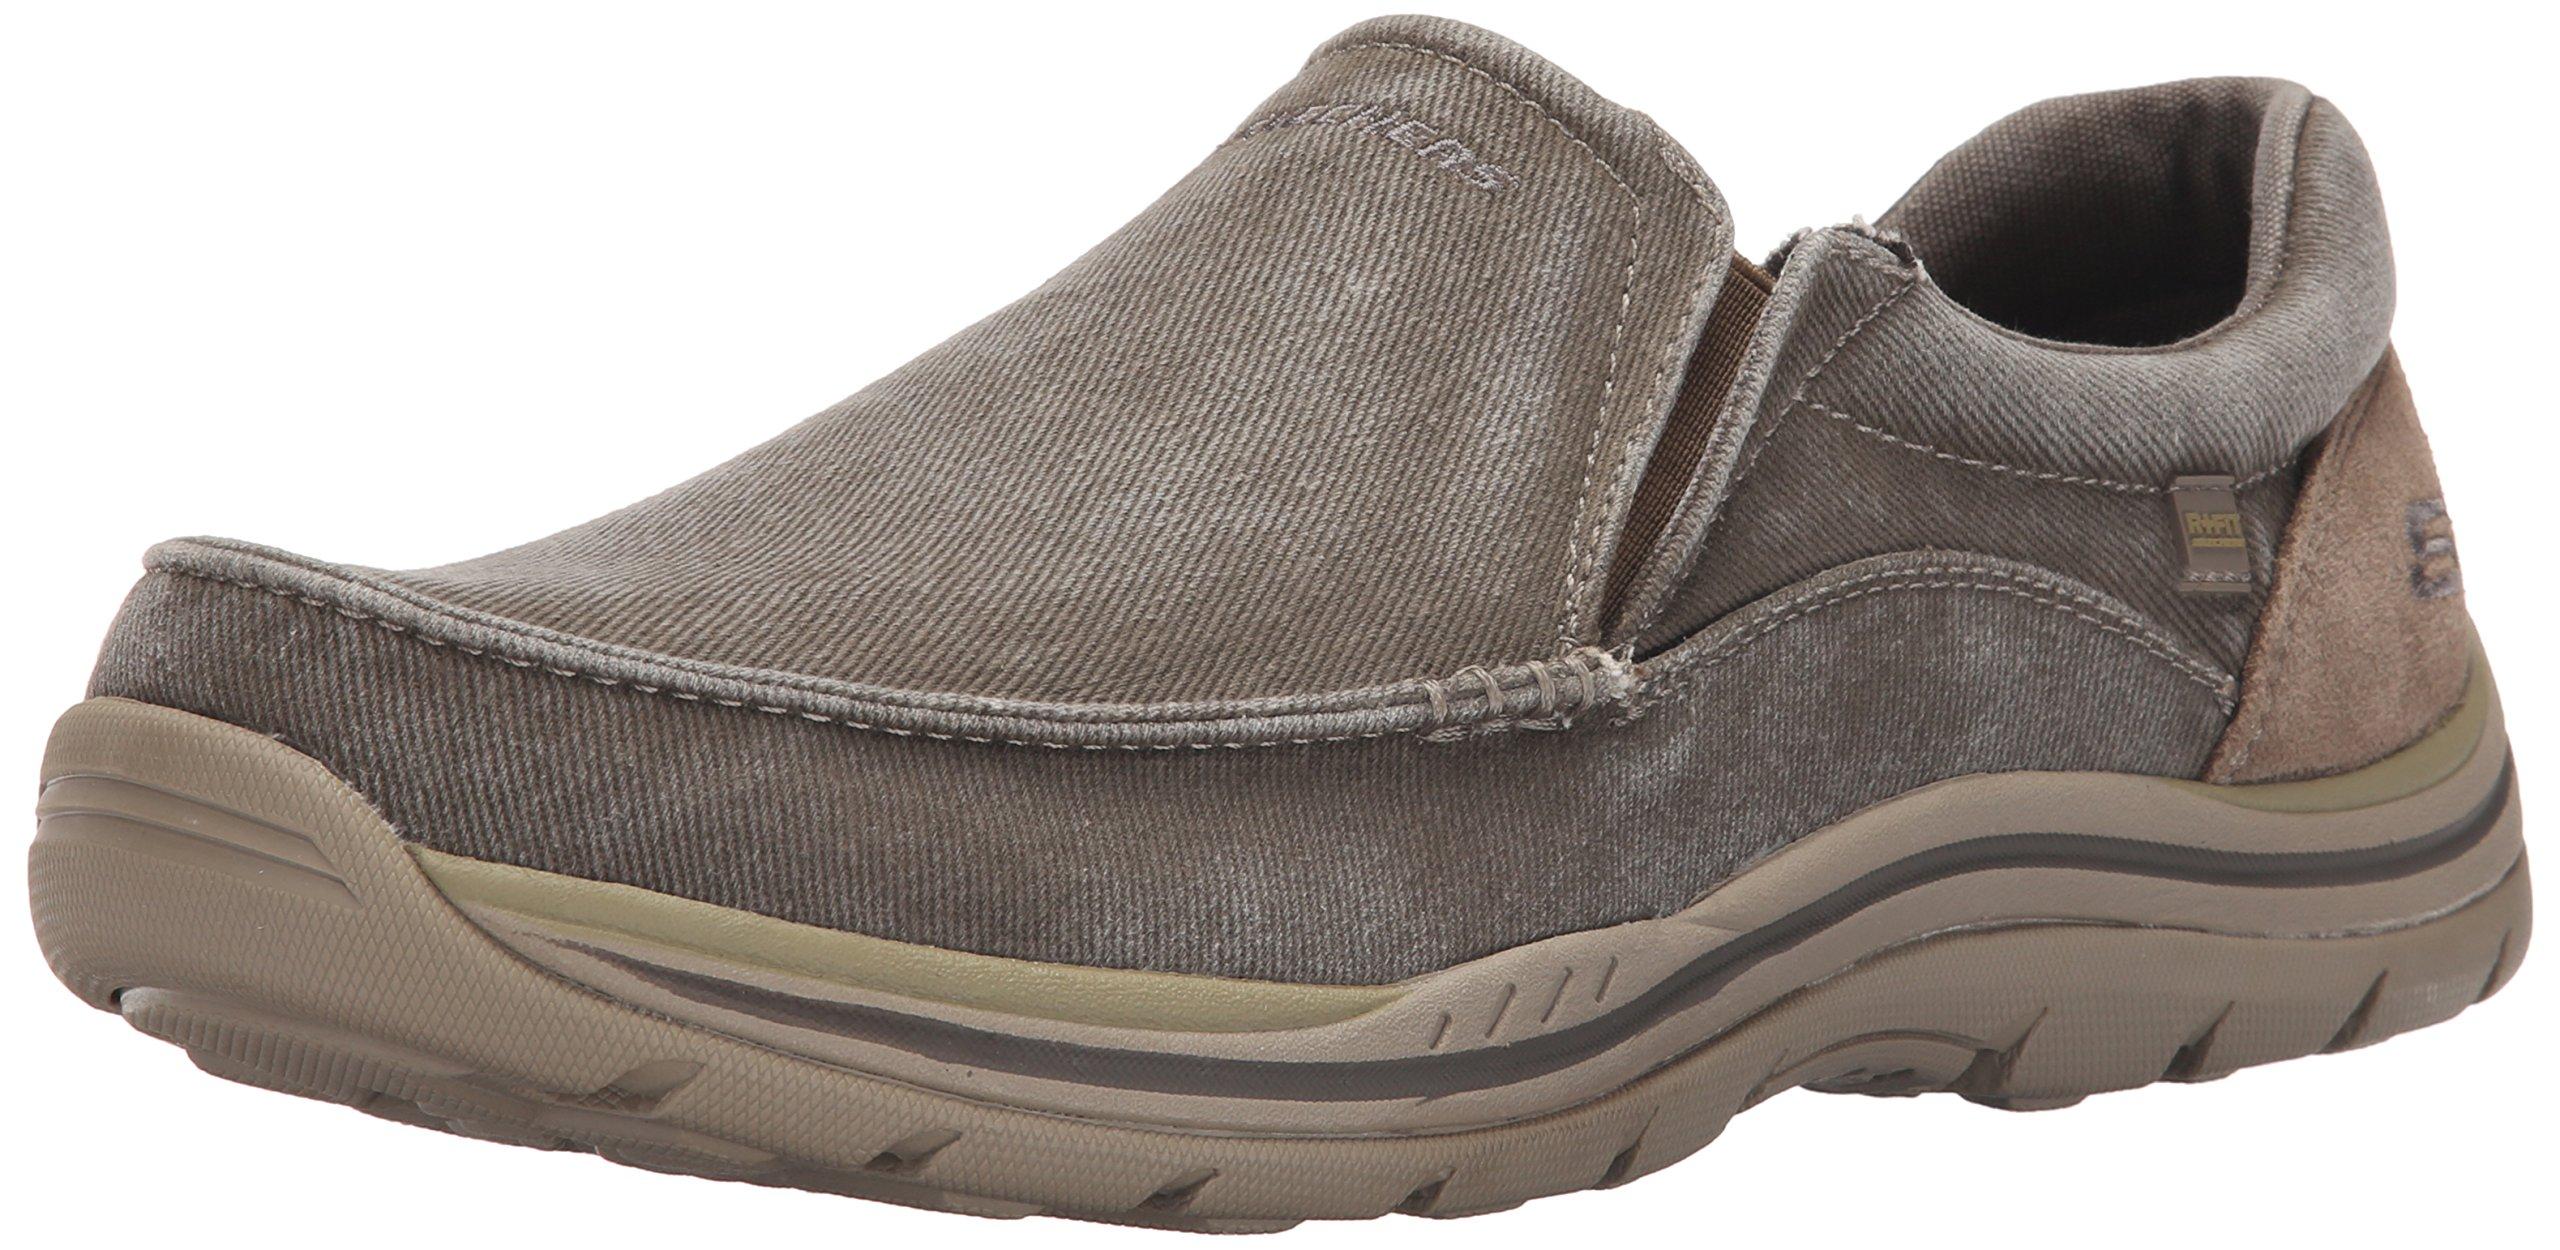 Skechers Men's Expected Avillo Relaxed-Fit Slip-On Loafer,Khaki,9 D US